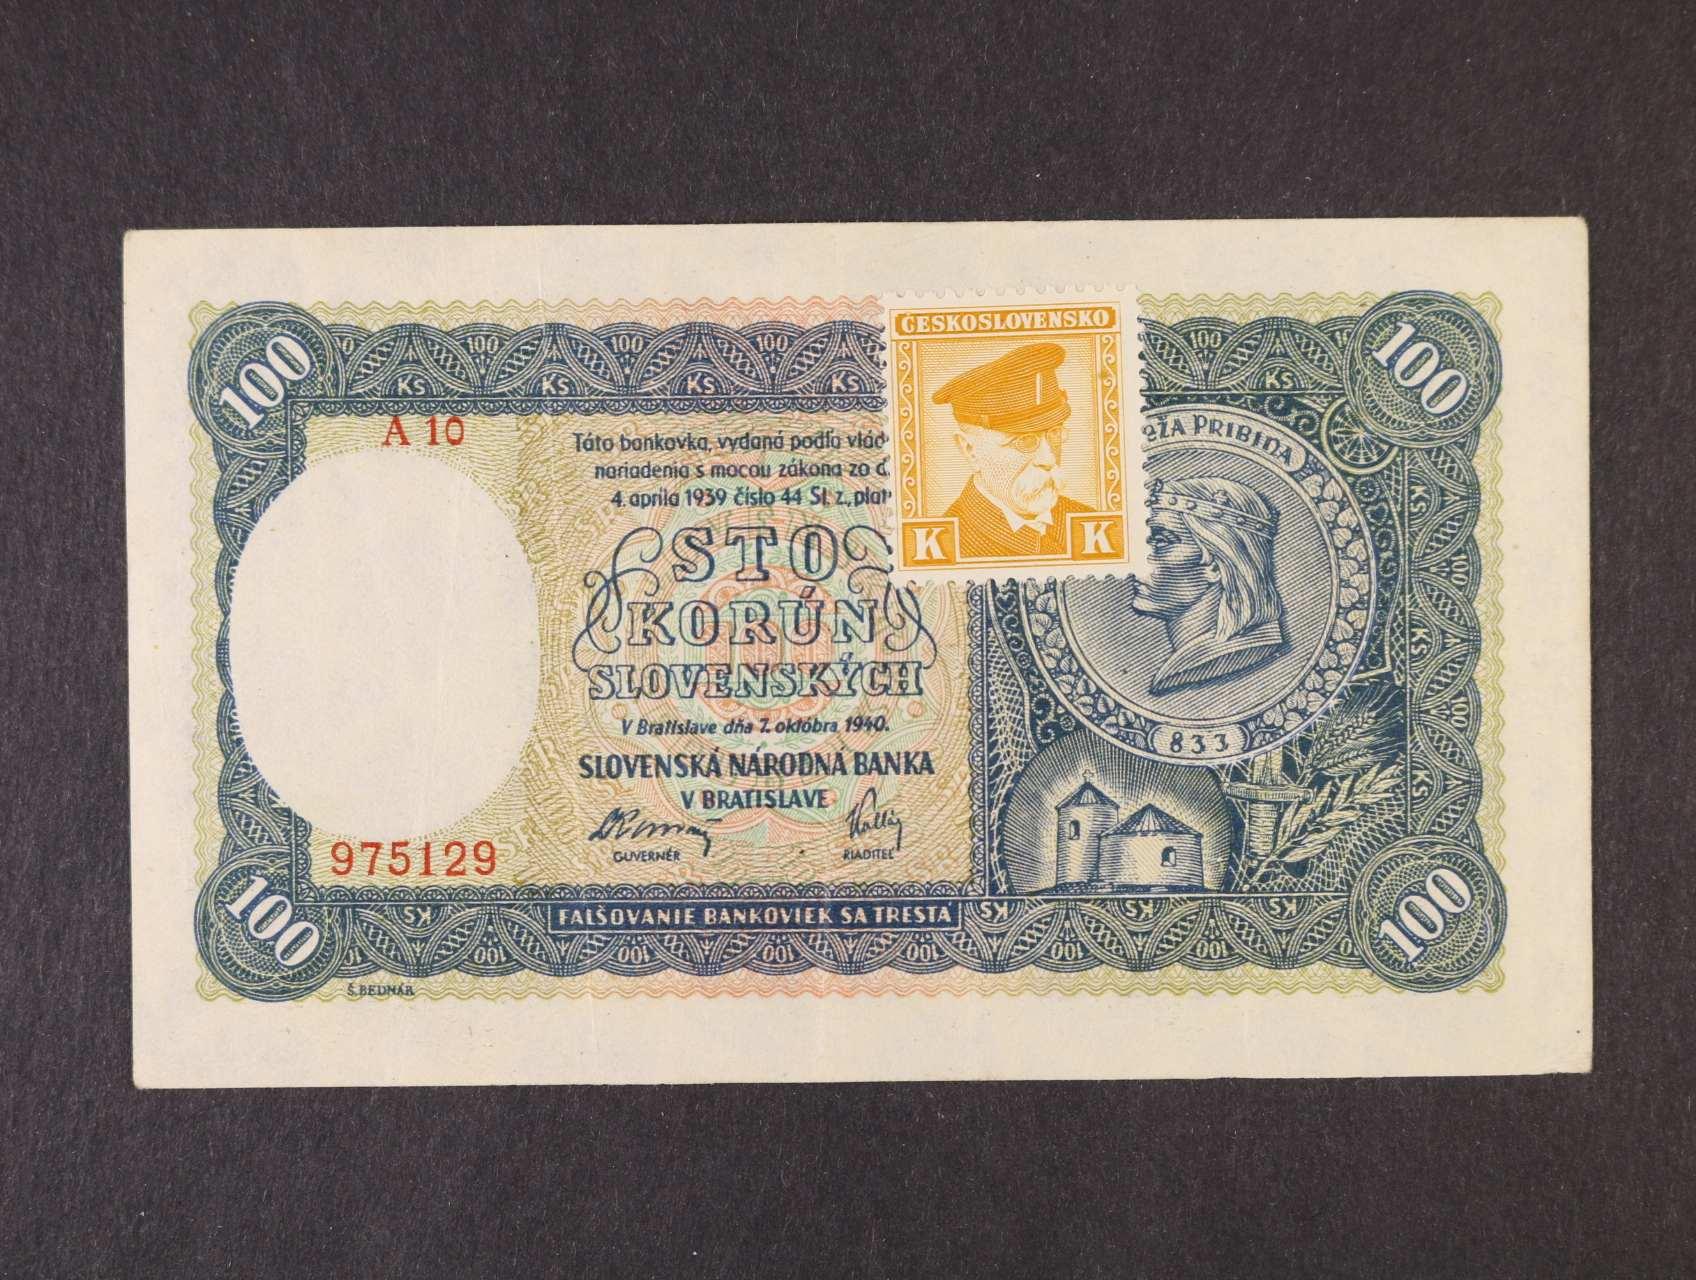 100 Ks 7.10.1940 série A 10 kolkovaná  II.vydání, Ba. 63b, Pi. 52